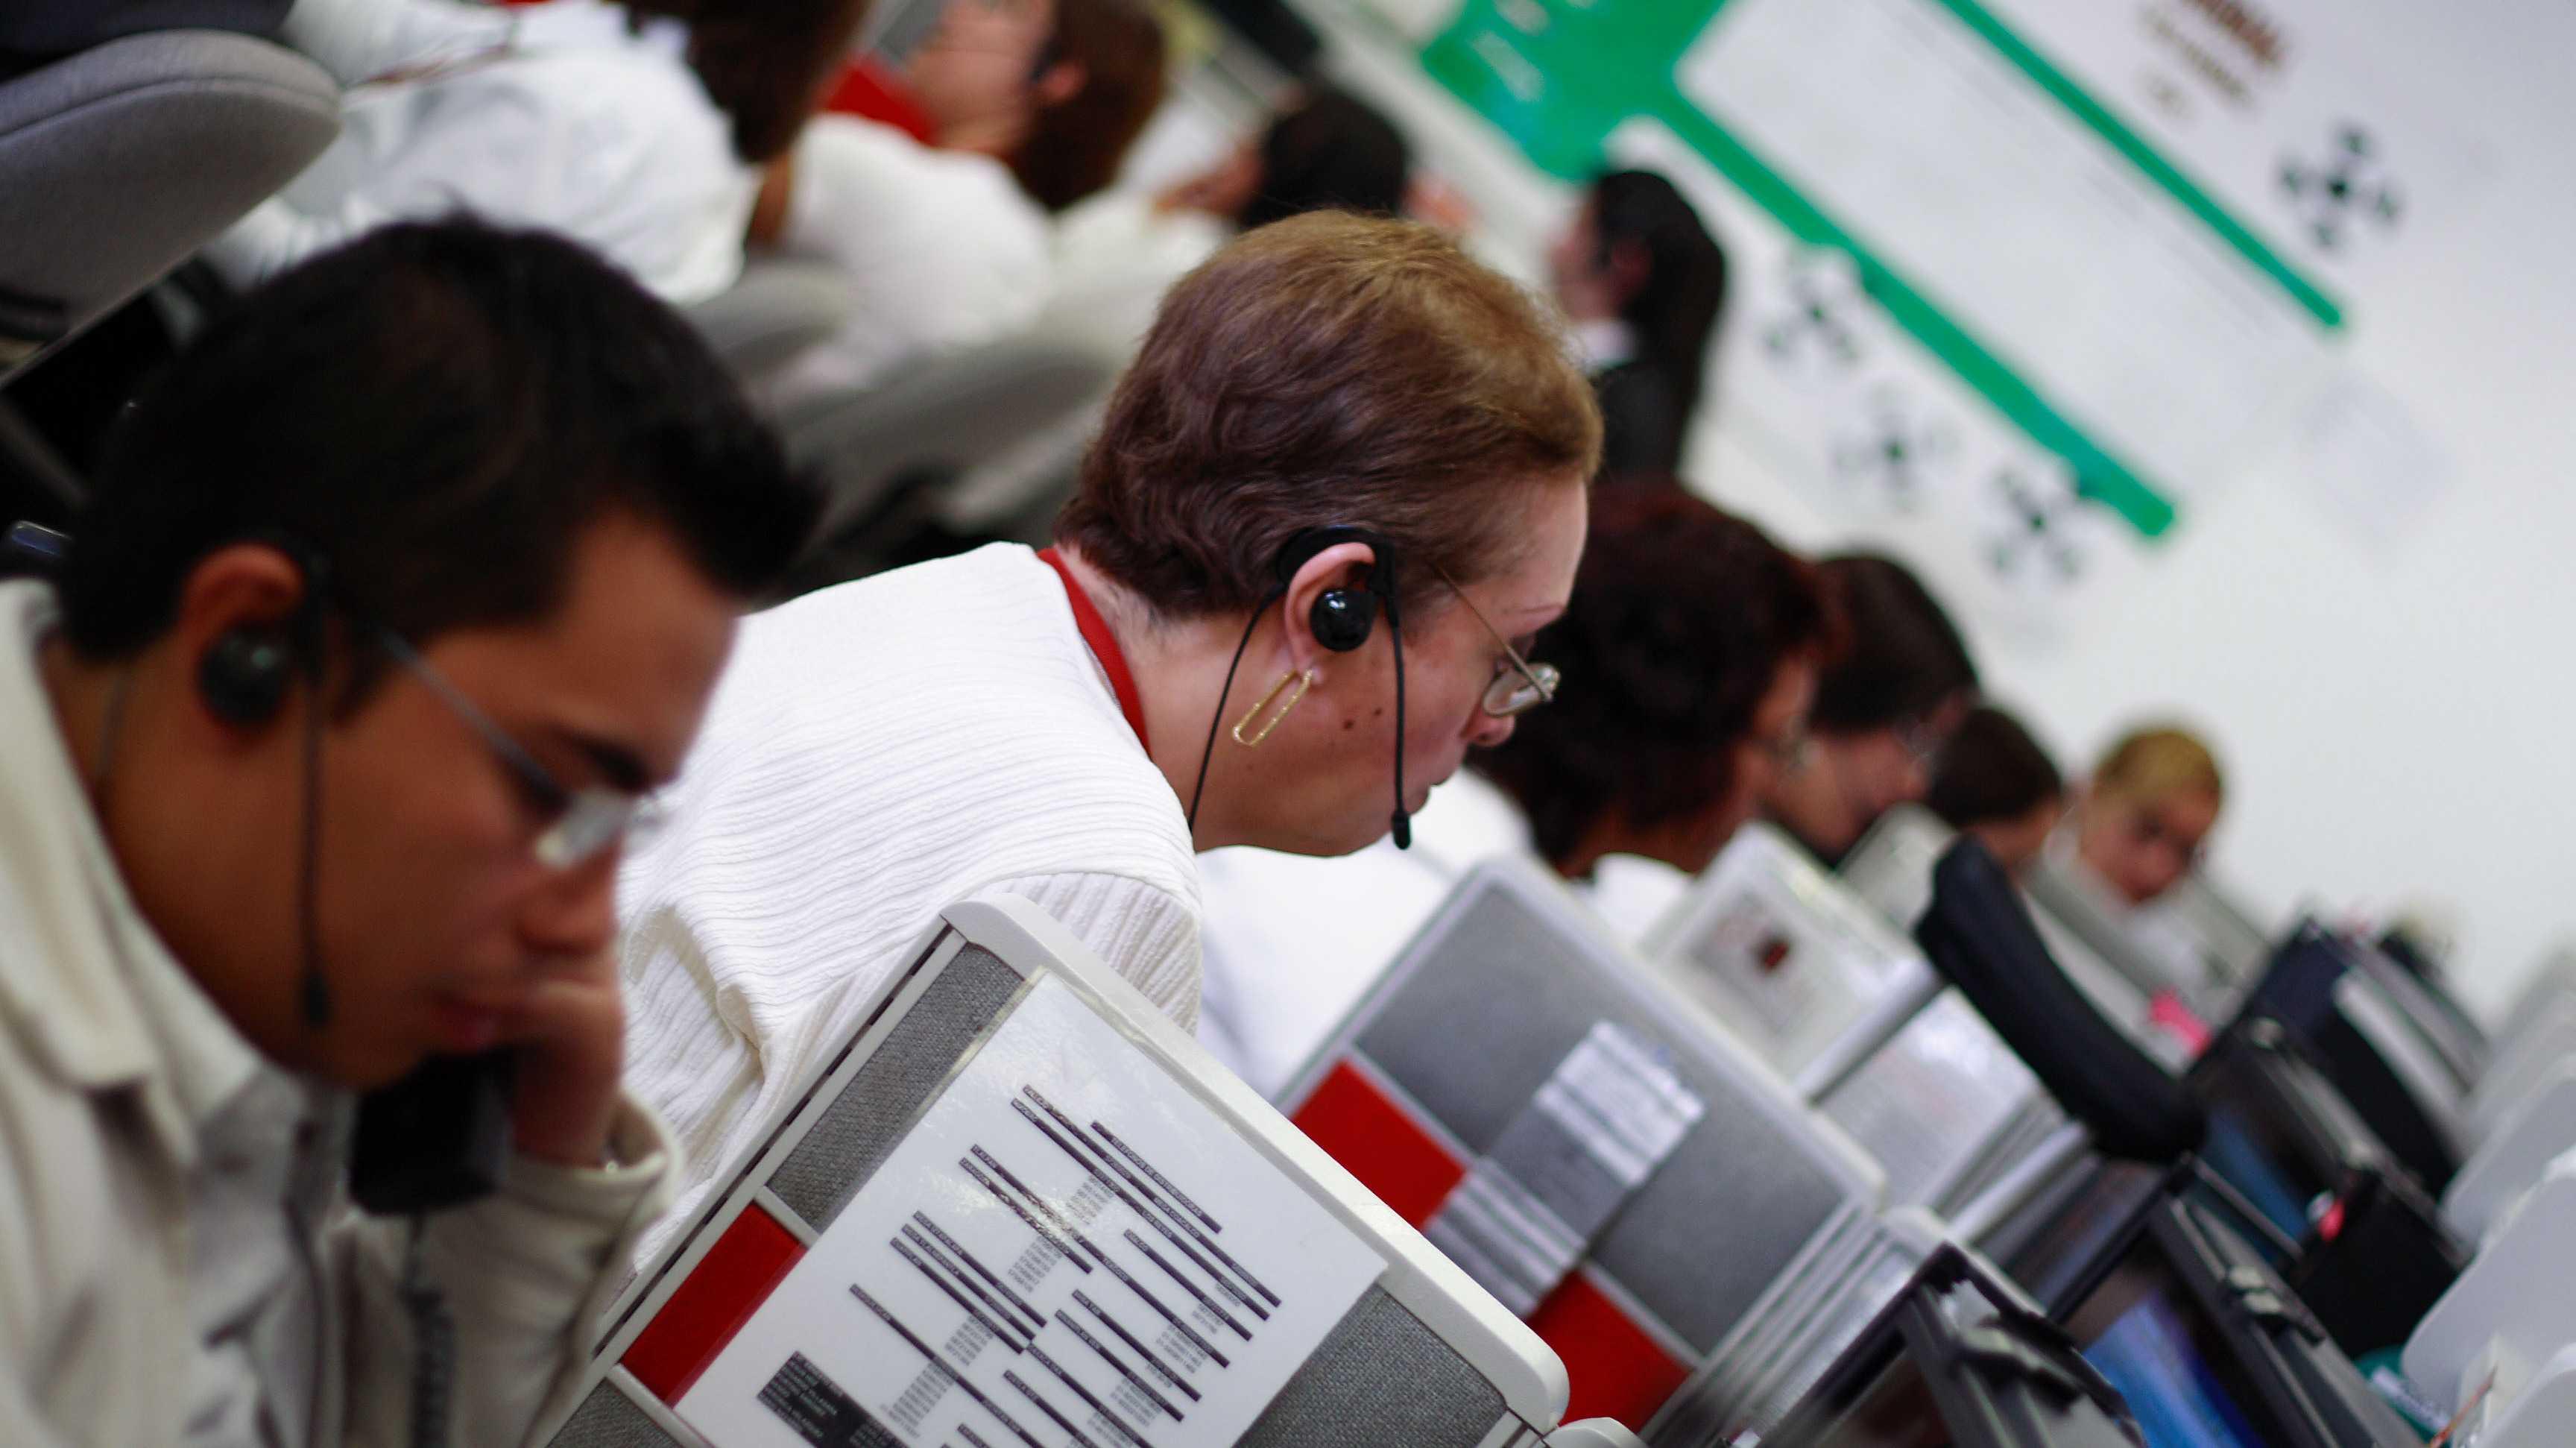 IT-Branche: Bitkom prognostiziert fast eine Million Beschäftigte